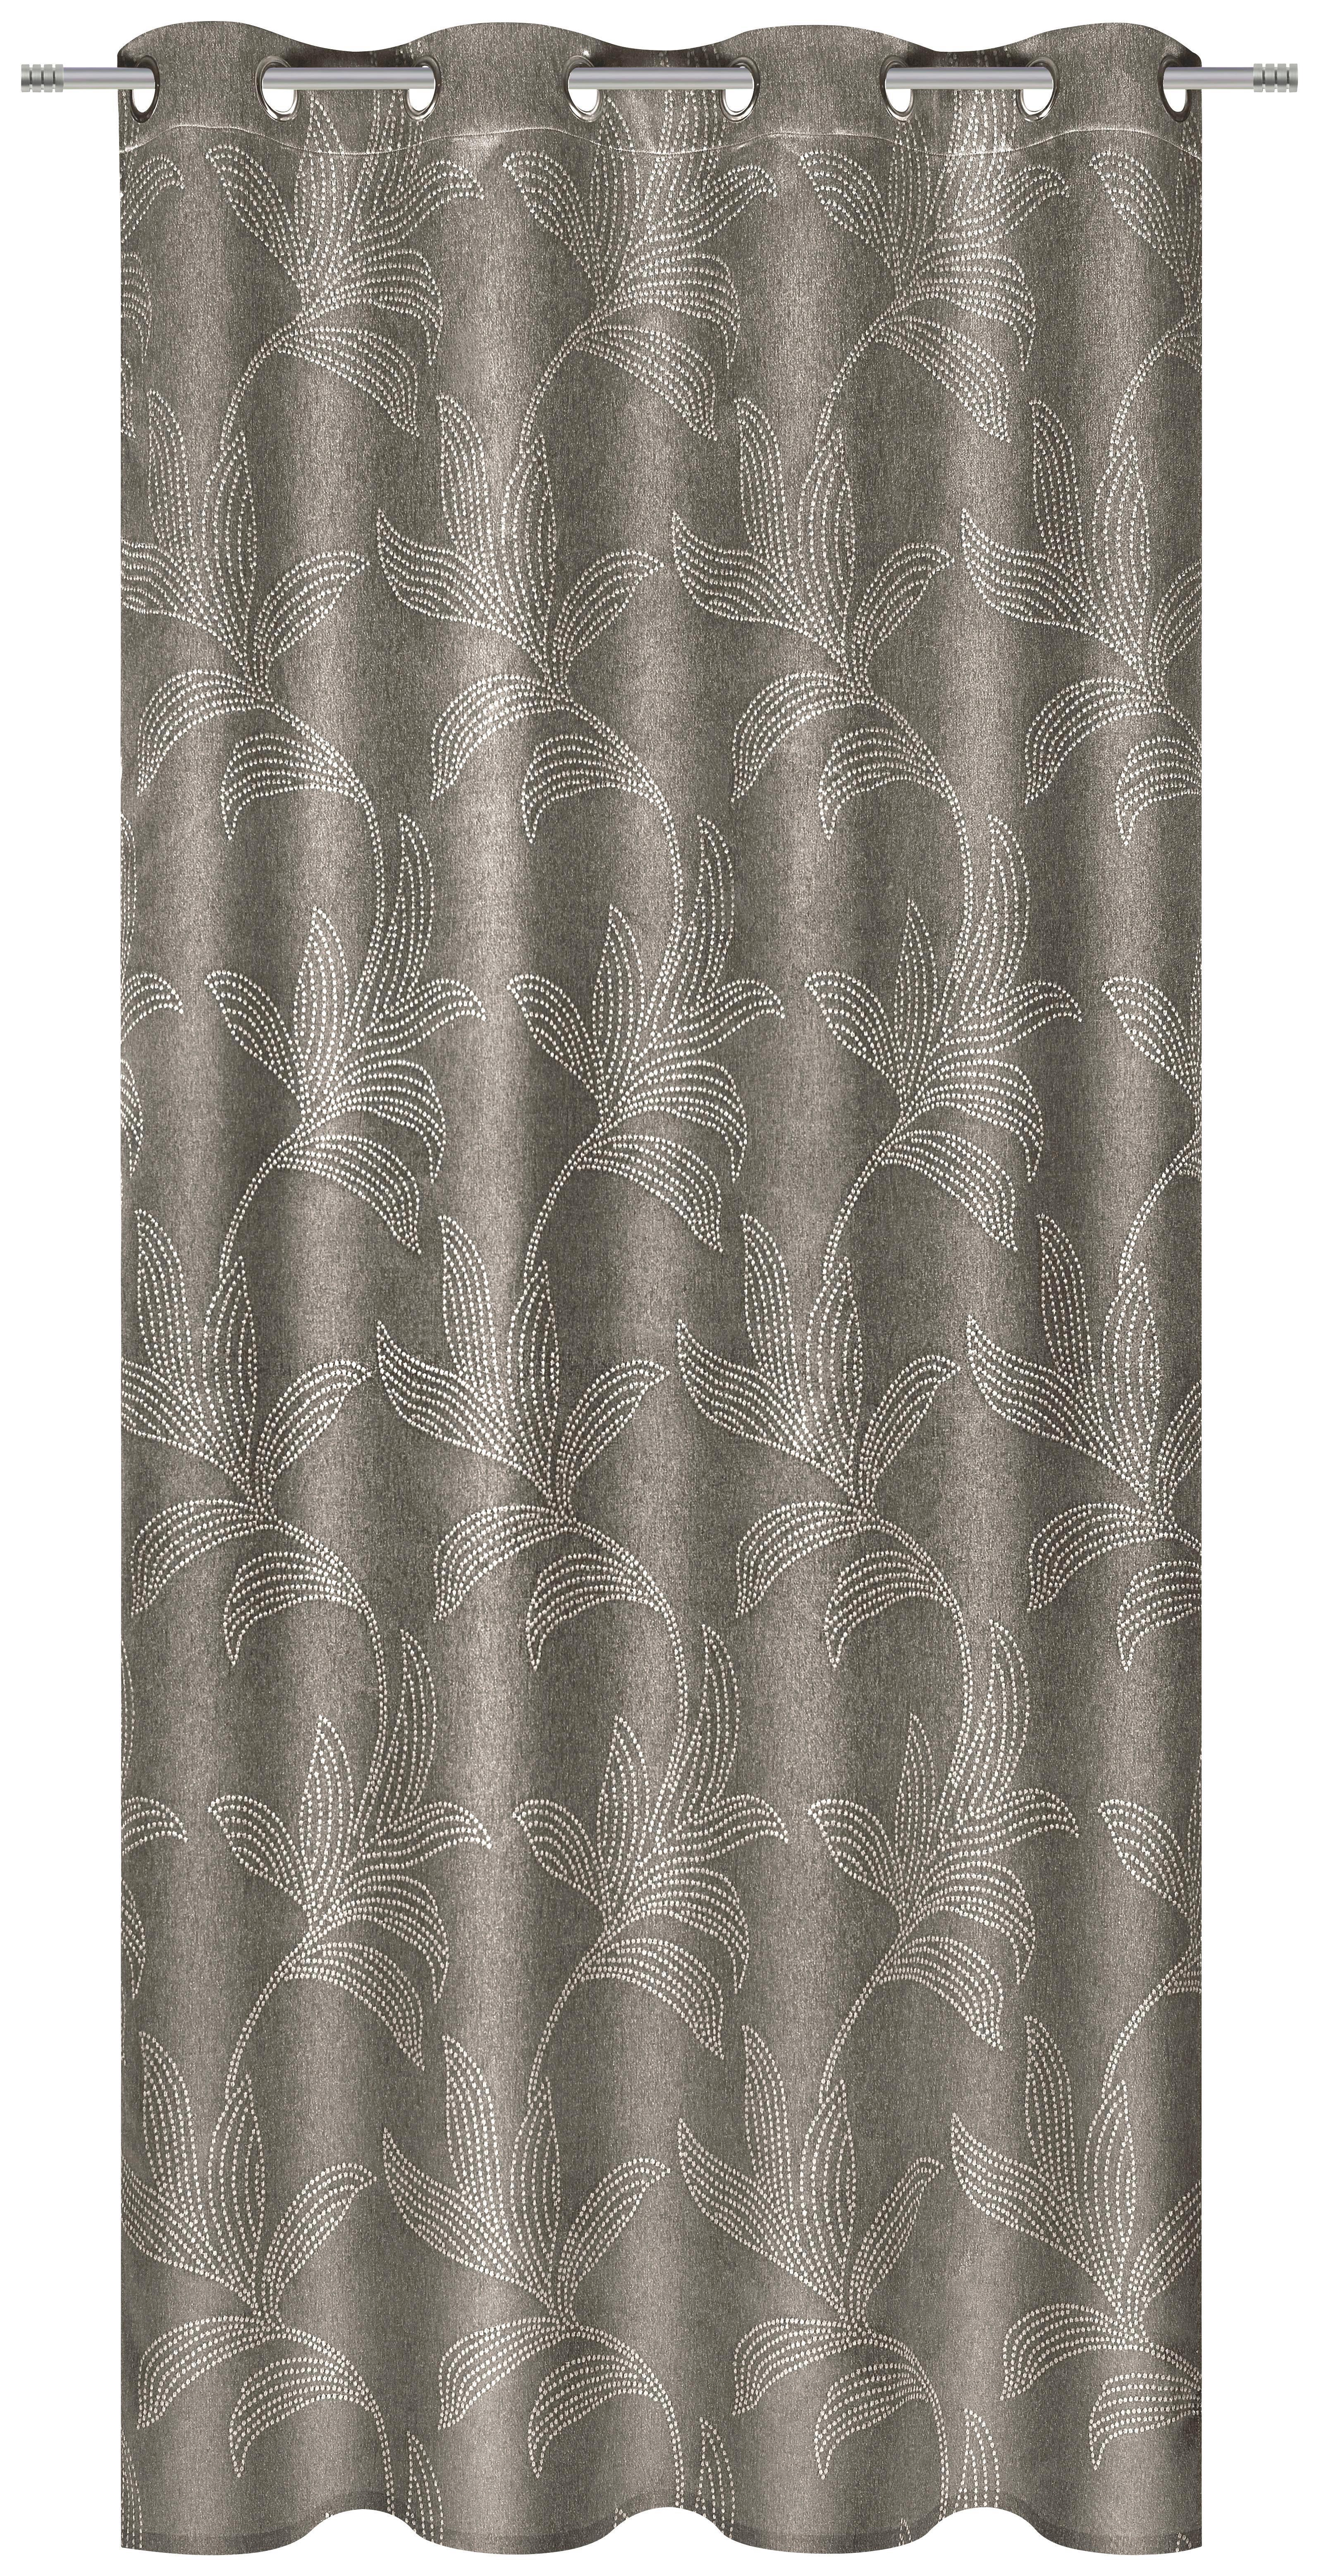 KÉSZFÜGGÖNY LINDA - barna, konvencionális, textil (140/245cm) - MÖMAX modern living